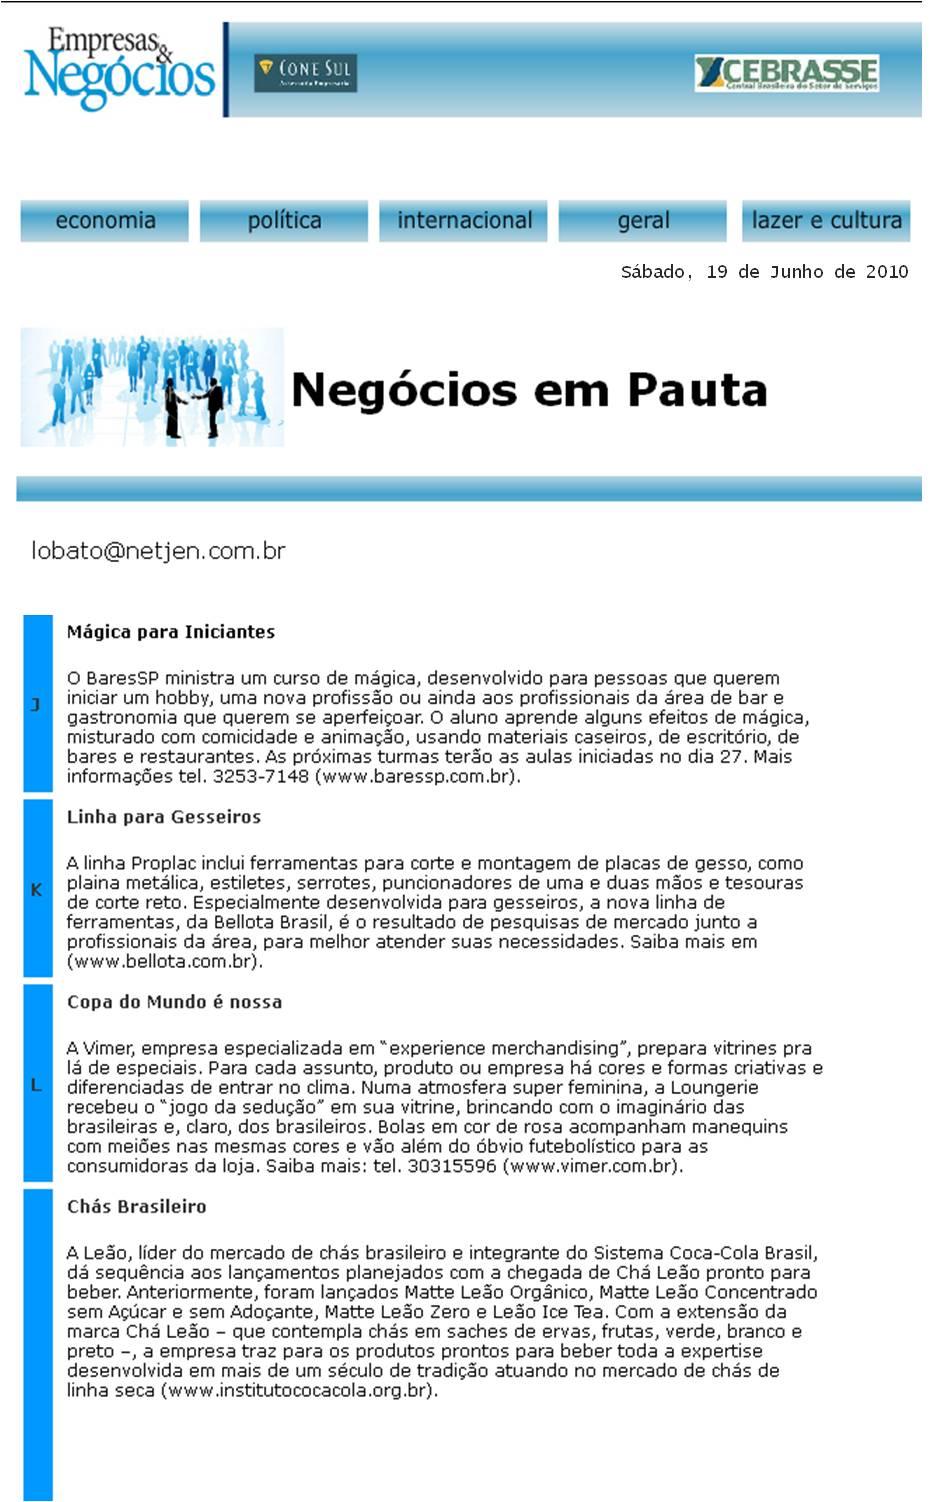 Curso de mágica do BaresSP no Jornal Empresas & Negócios BaresSP image